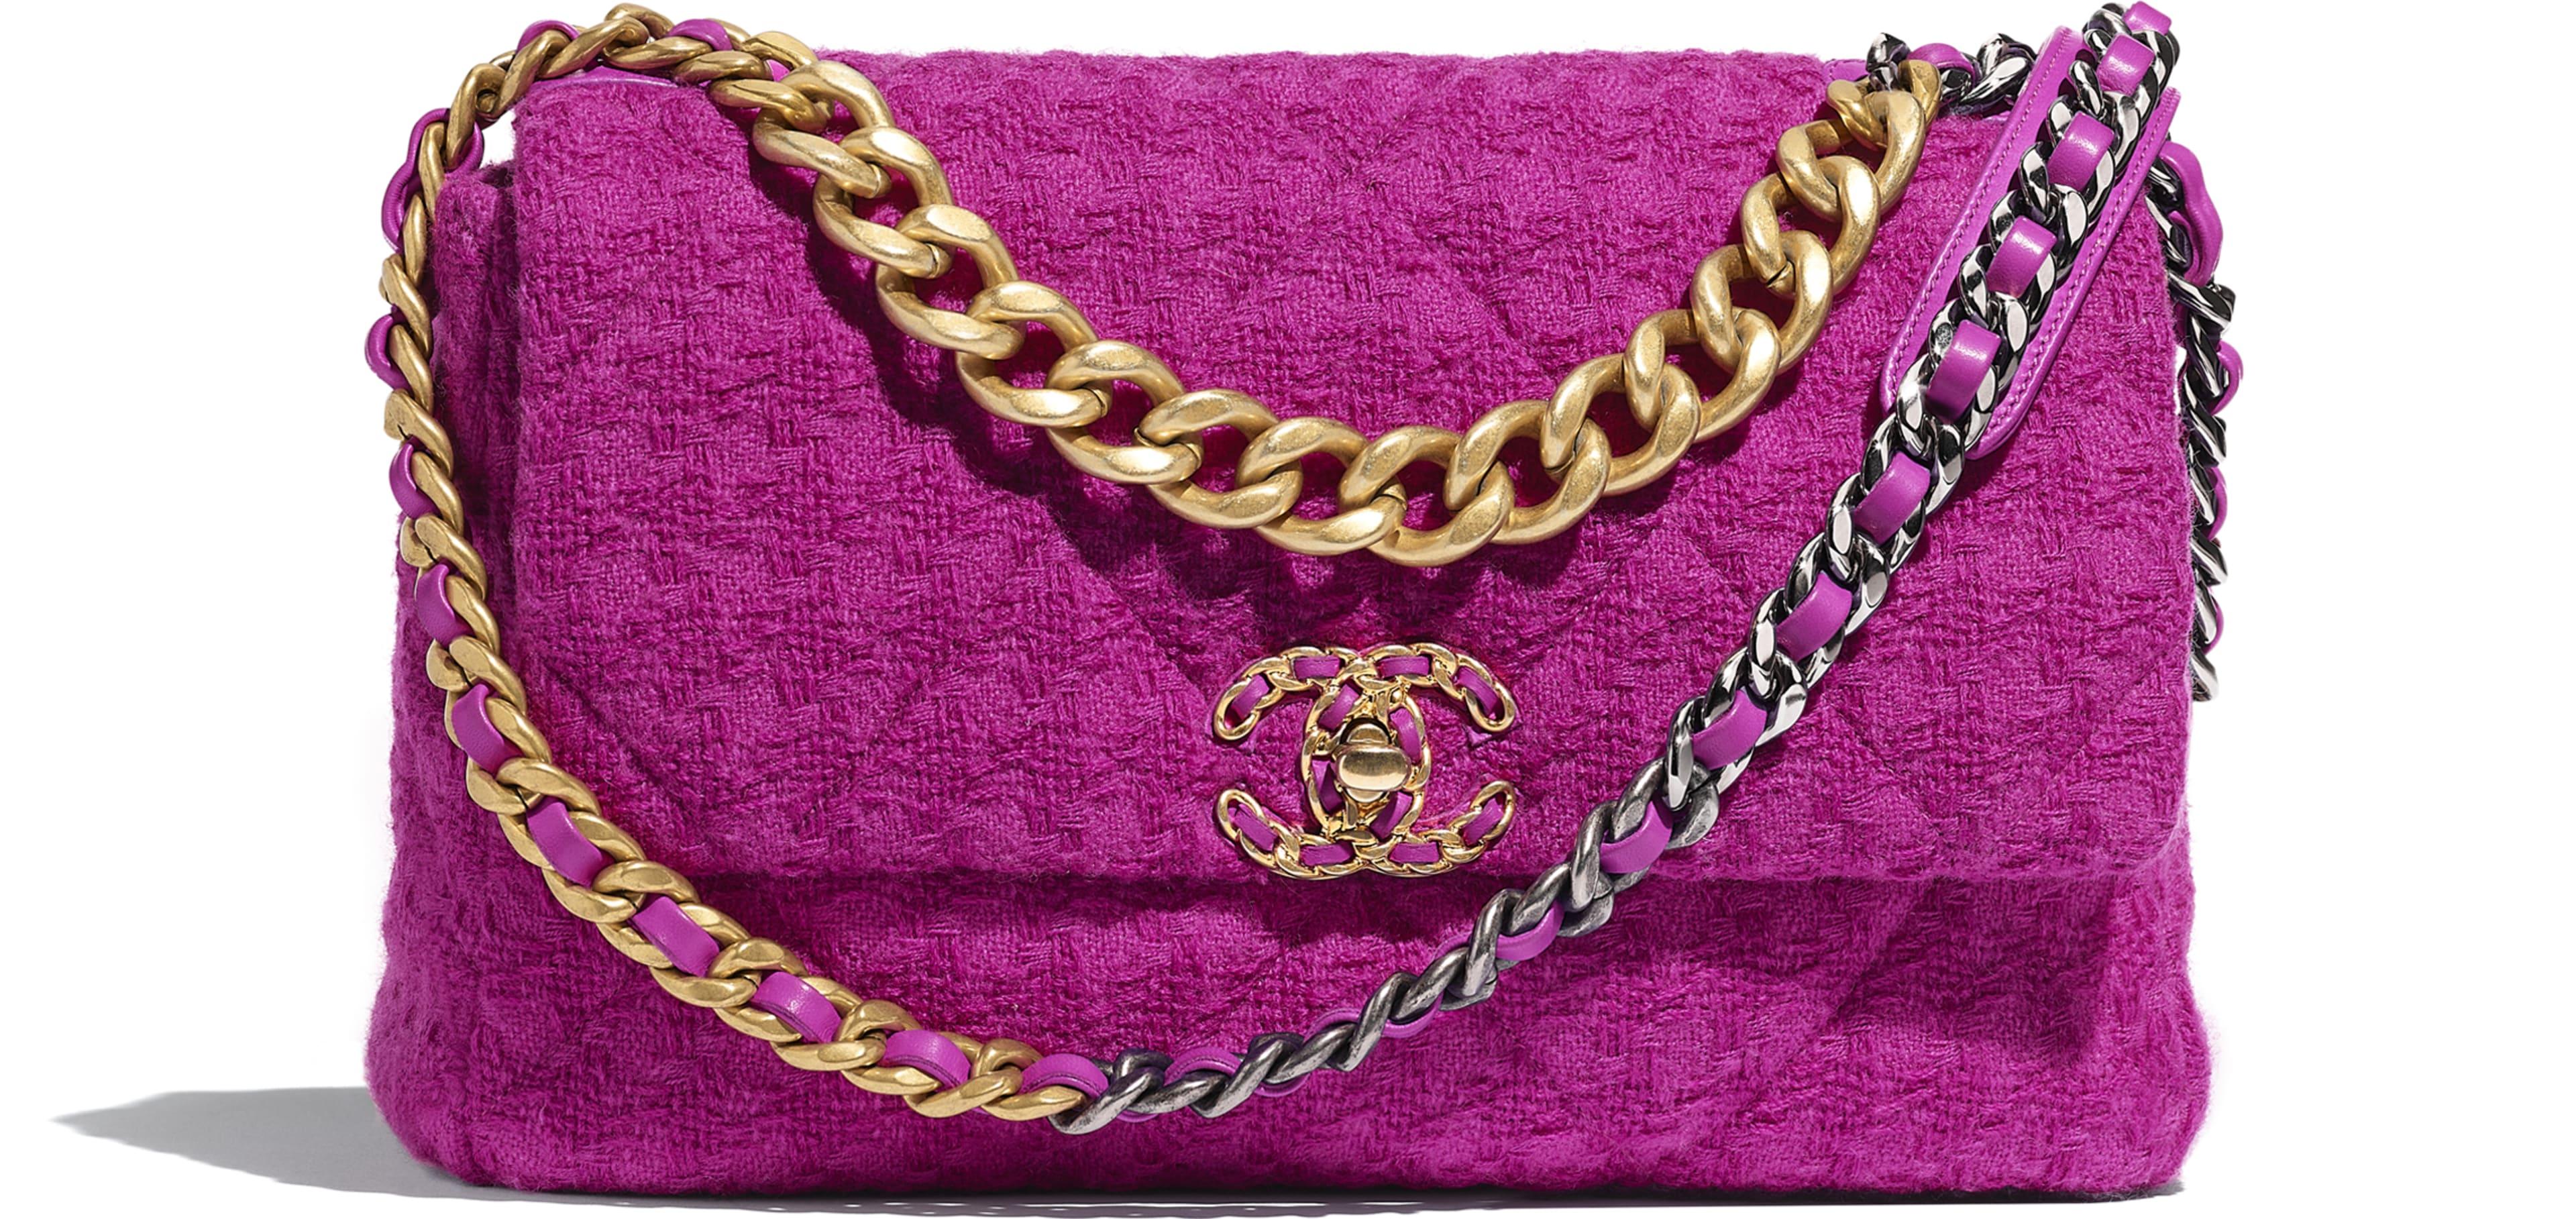 ผ้าทวีตขนสัตว์ โลหะสีทอง โลหะสีเงิน และโลหะเคลือบรูทีเนียม สีชมพูฟูเชีย